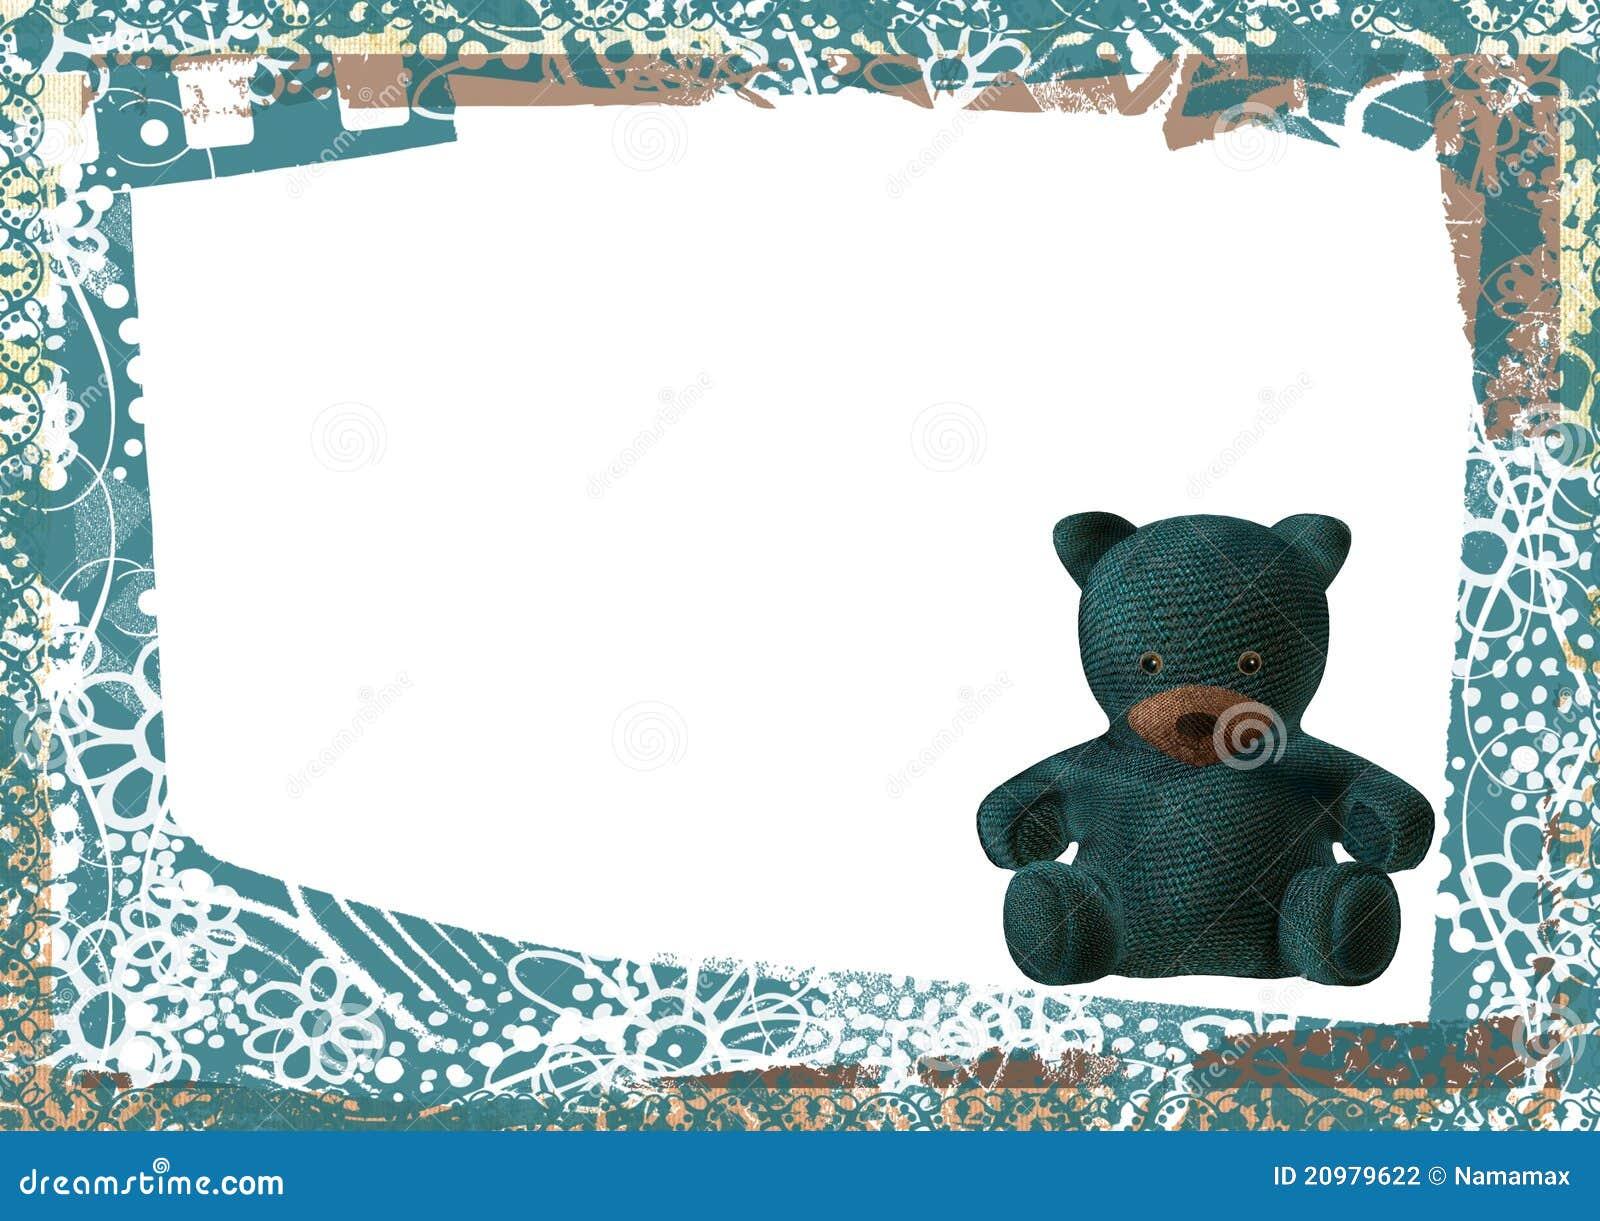 Teddy Bear Frame